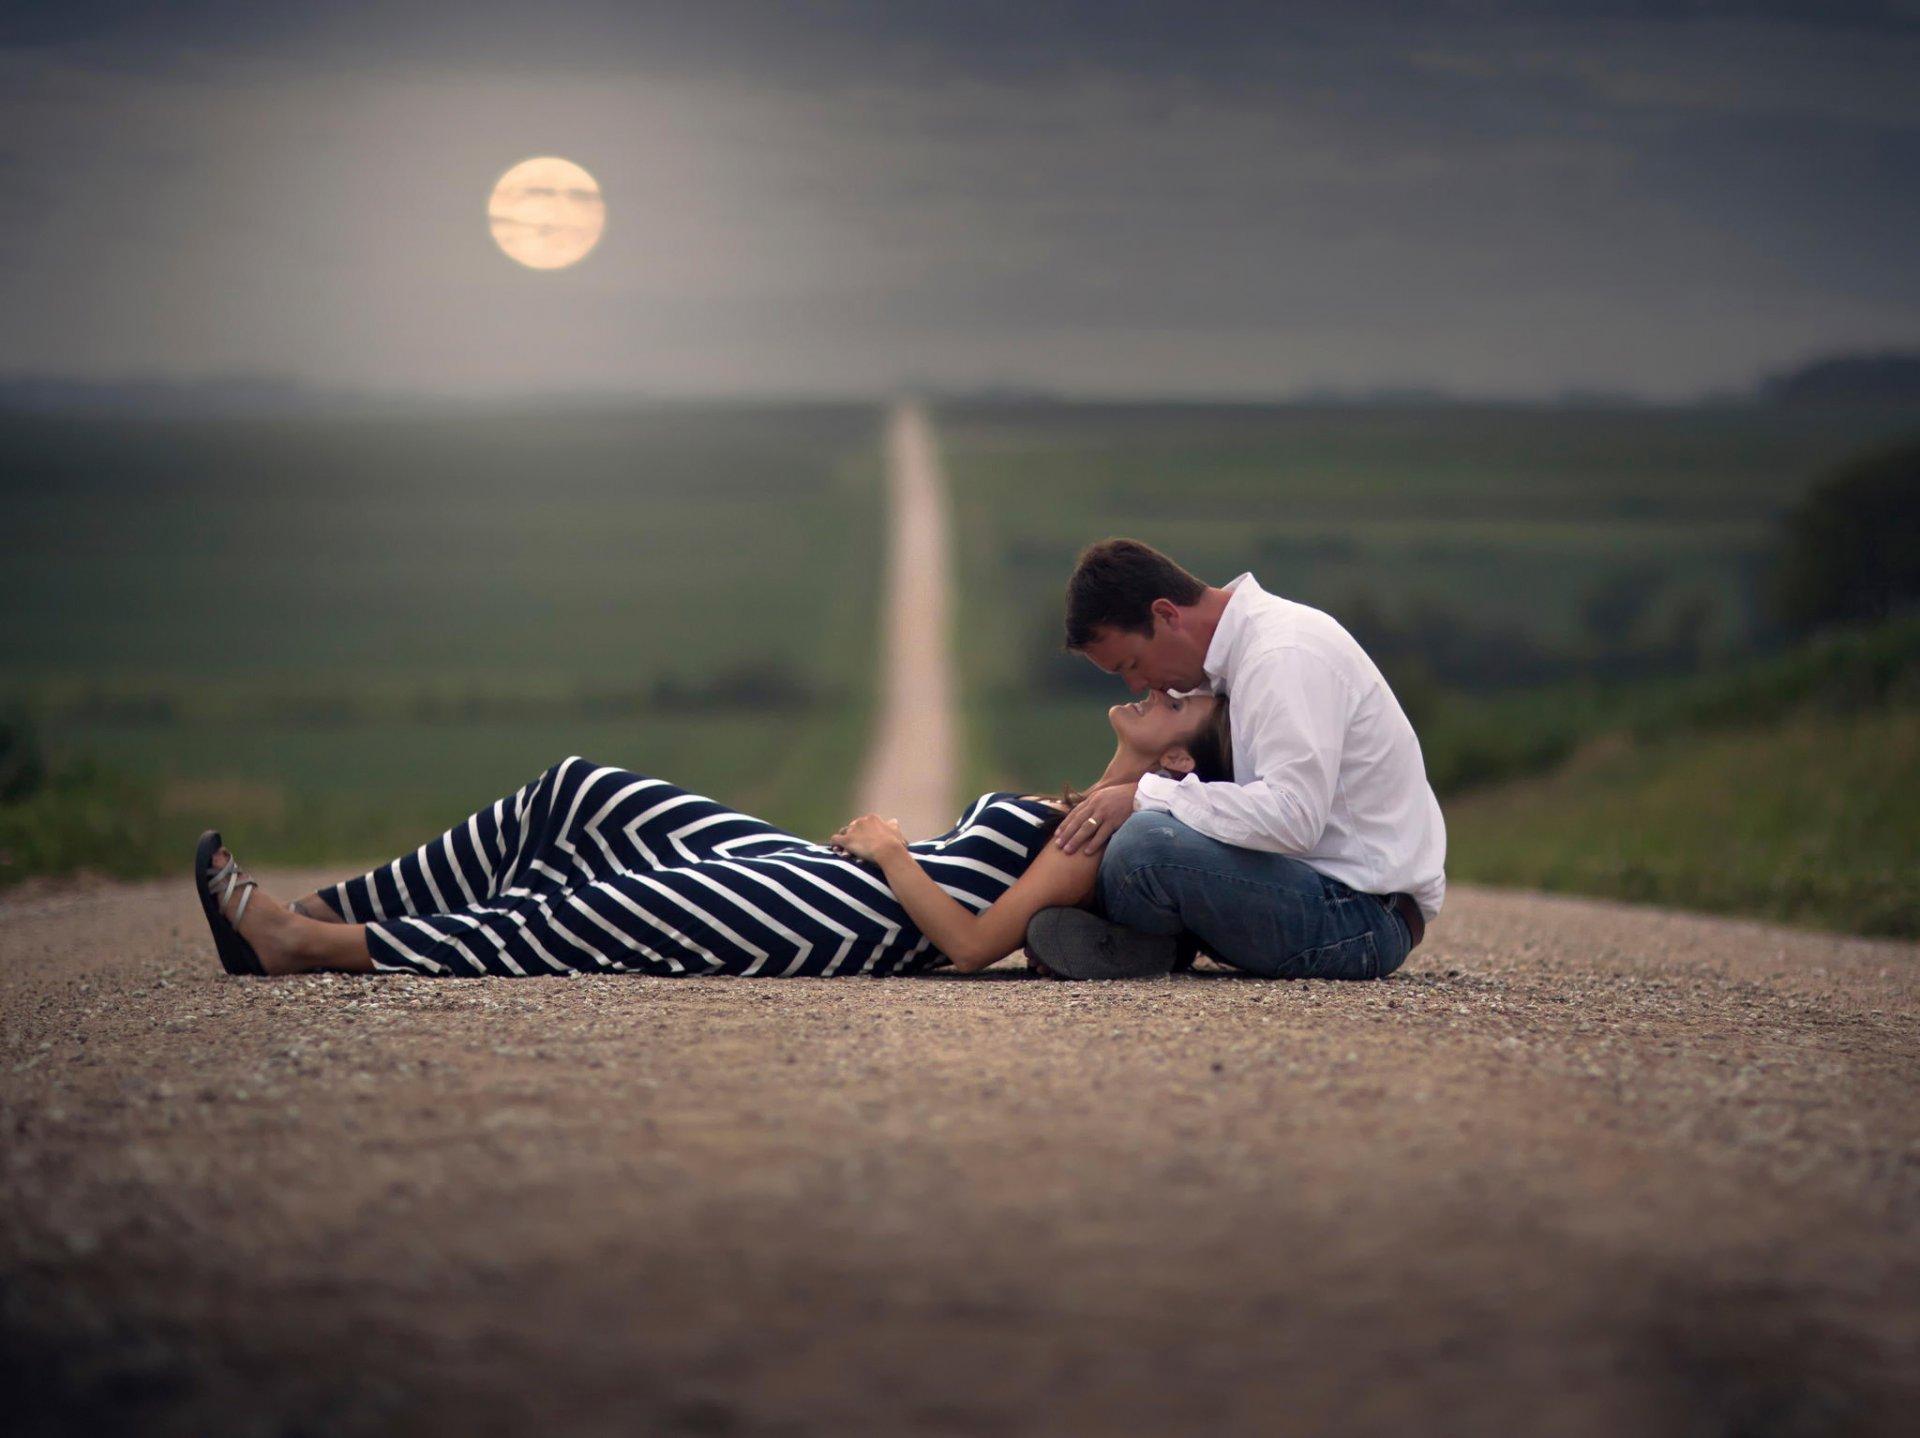 Картинки мальчик и девочка любовь с надписями со смыслом парню, картинки